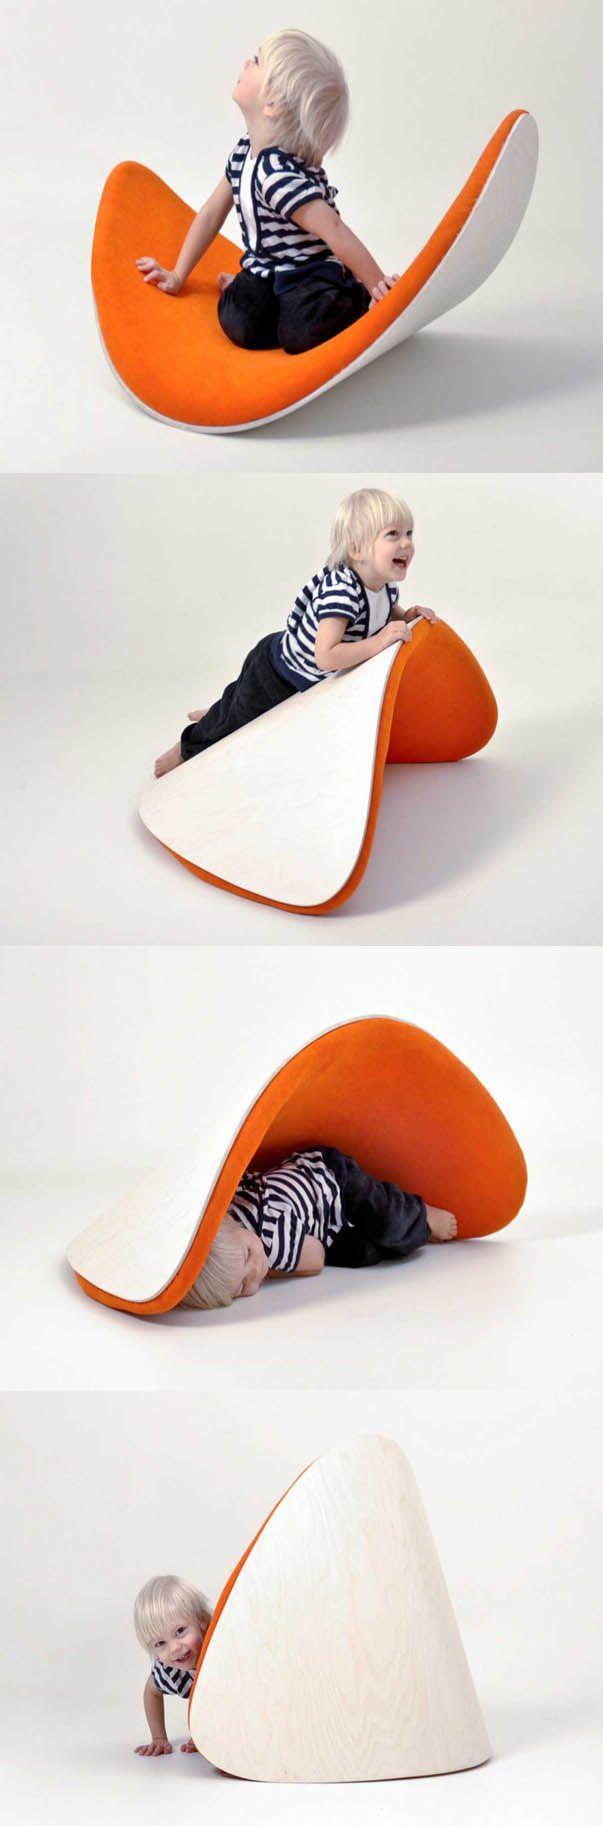 Dyyni by Antonia Lorz | afilii - Design for kids